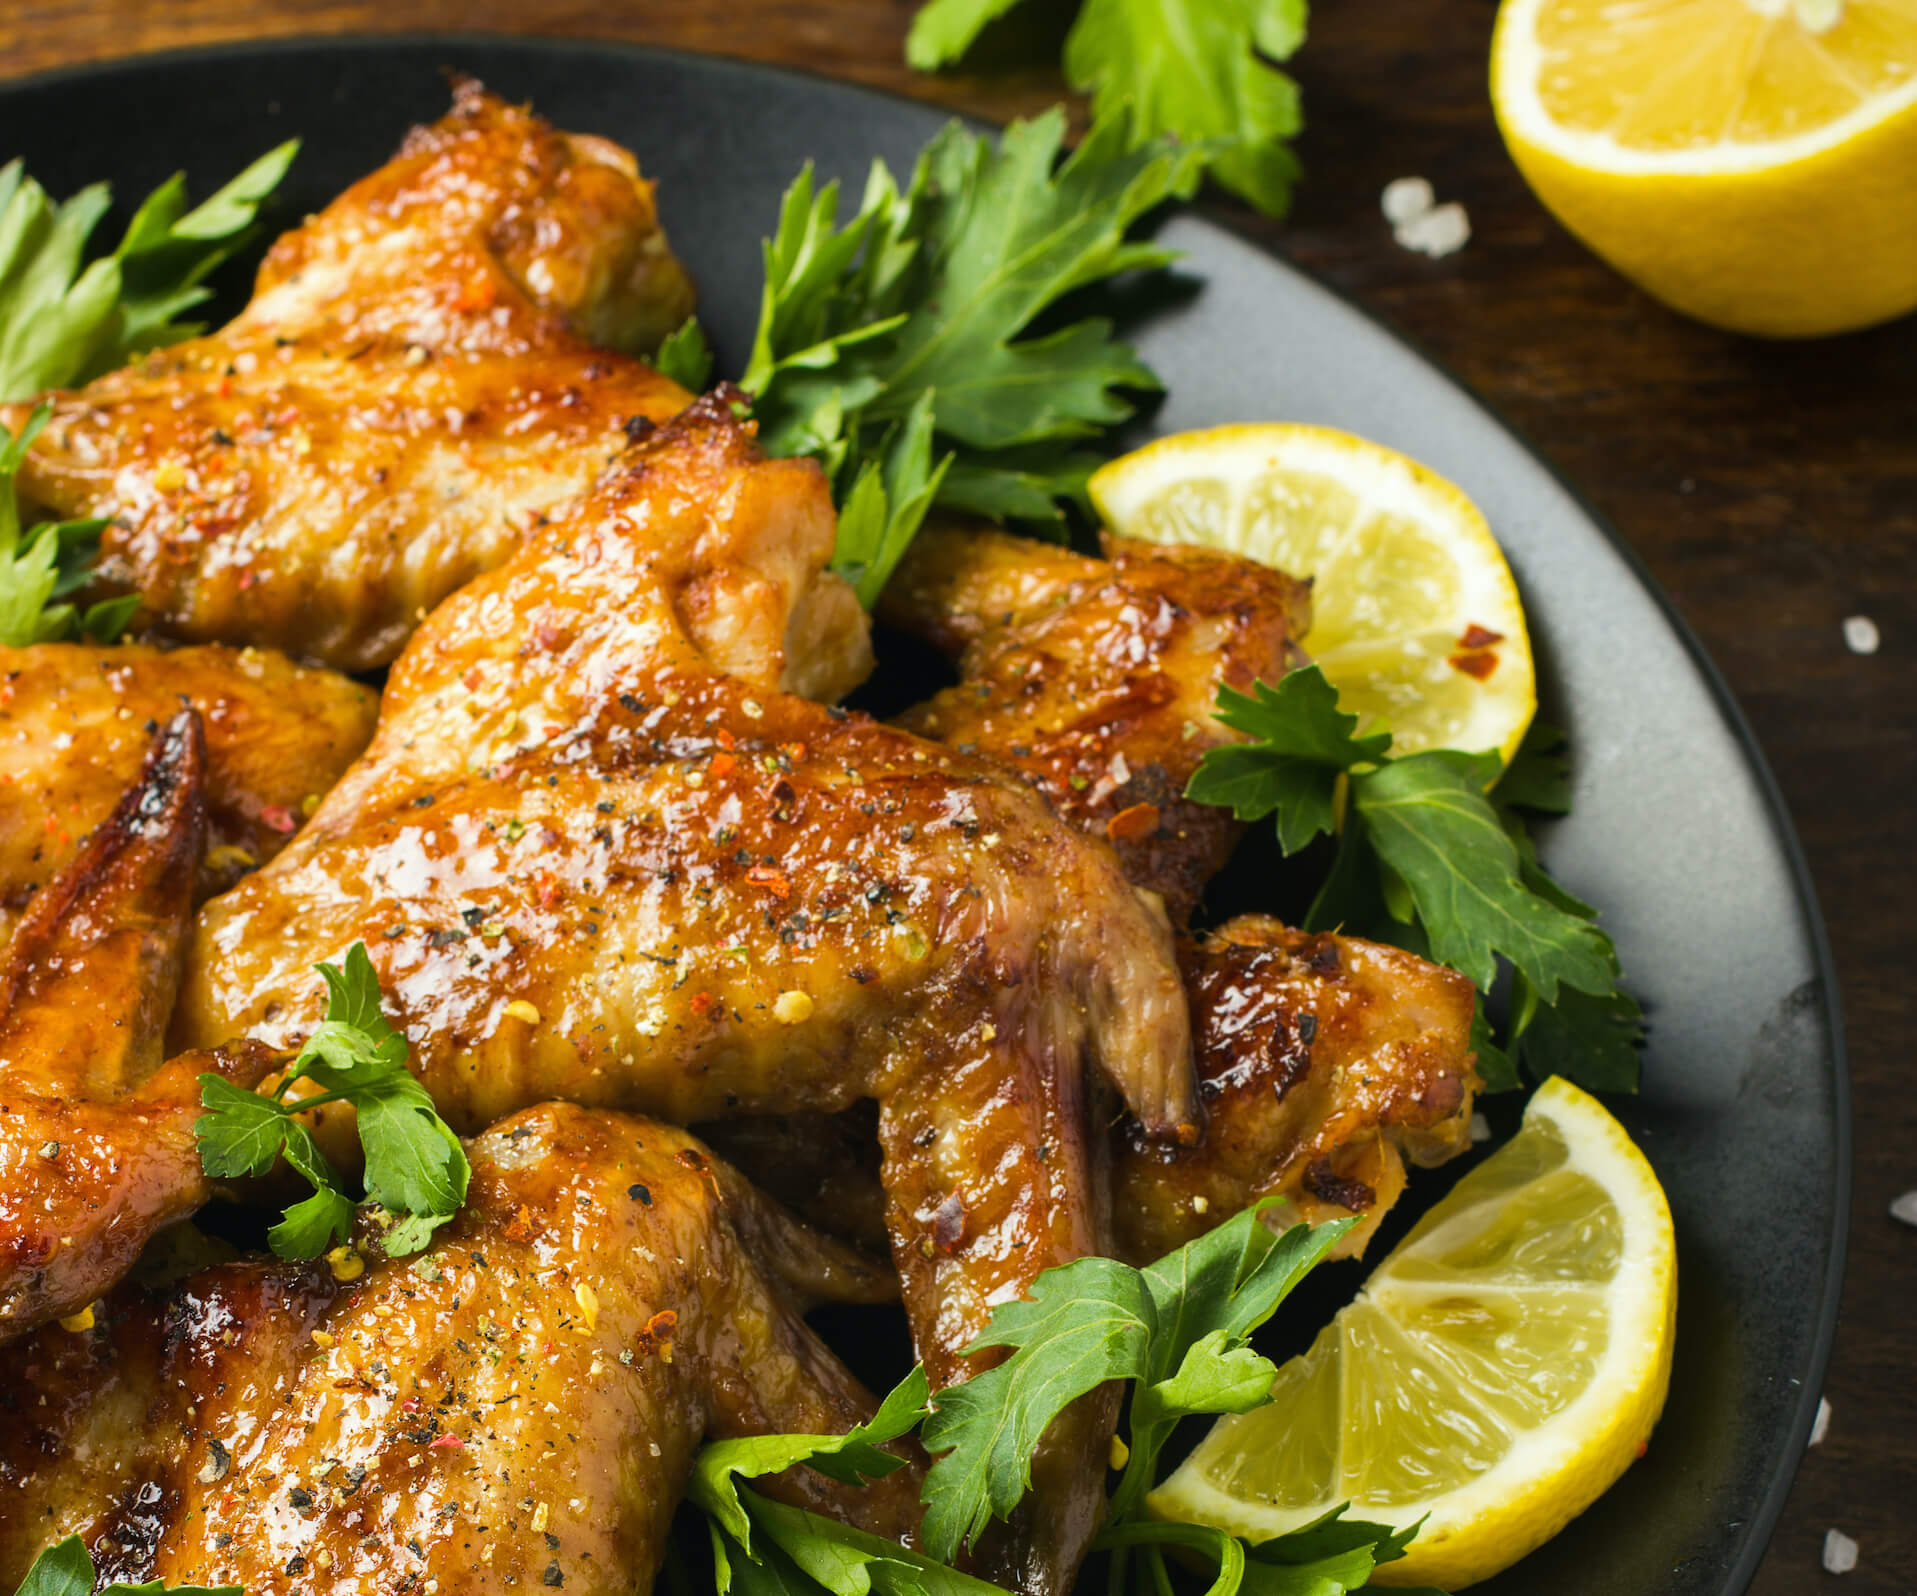 Platillo de pollo al limón